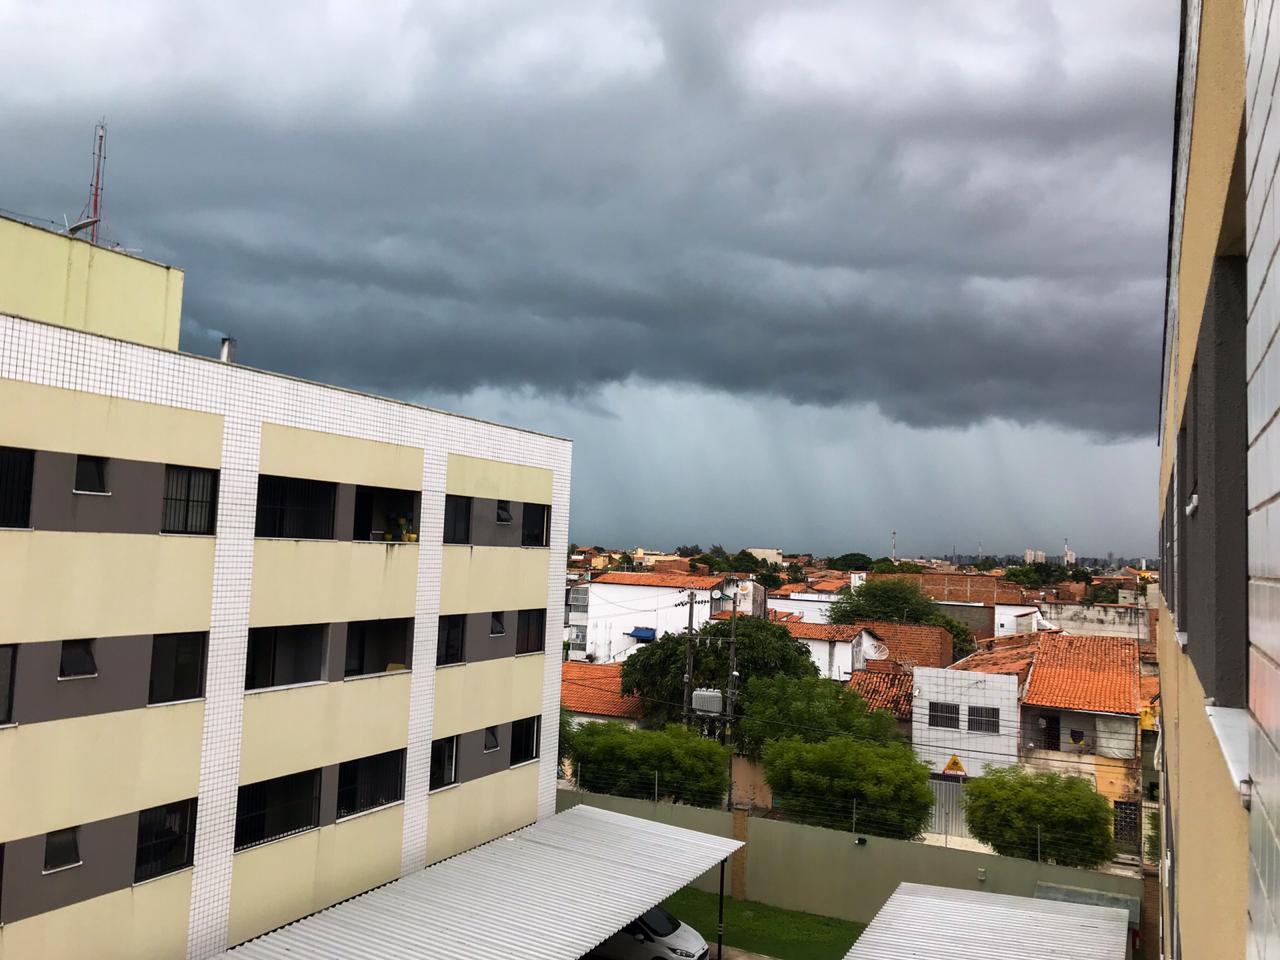 Chuvas isoladas são observadas no Ceará deste esta terça-feira (FOTO: Leandro Castro)